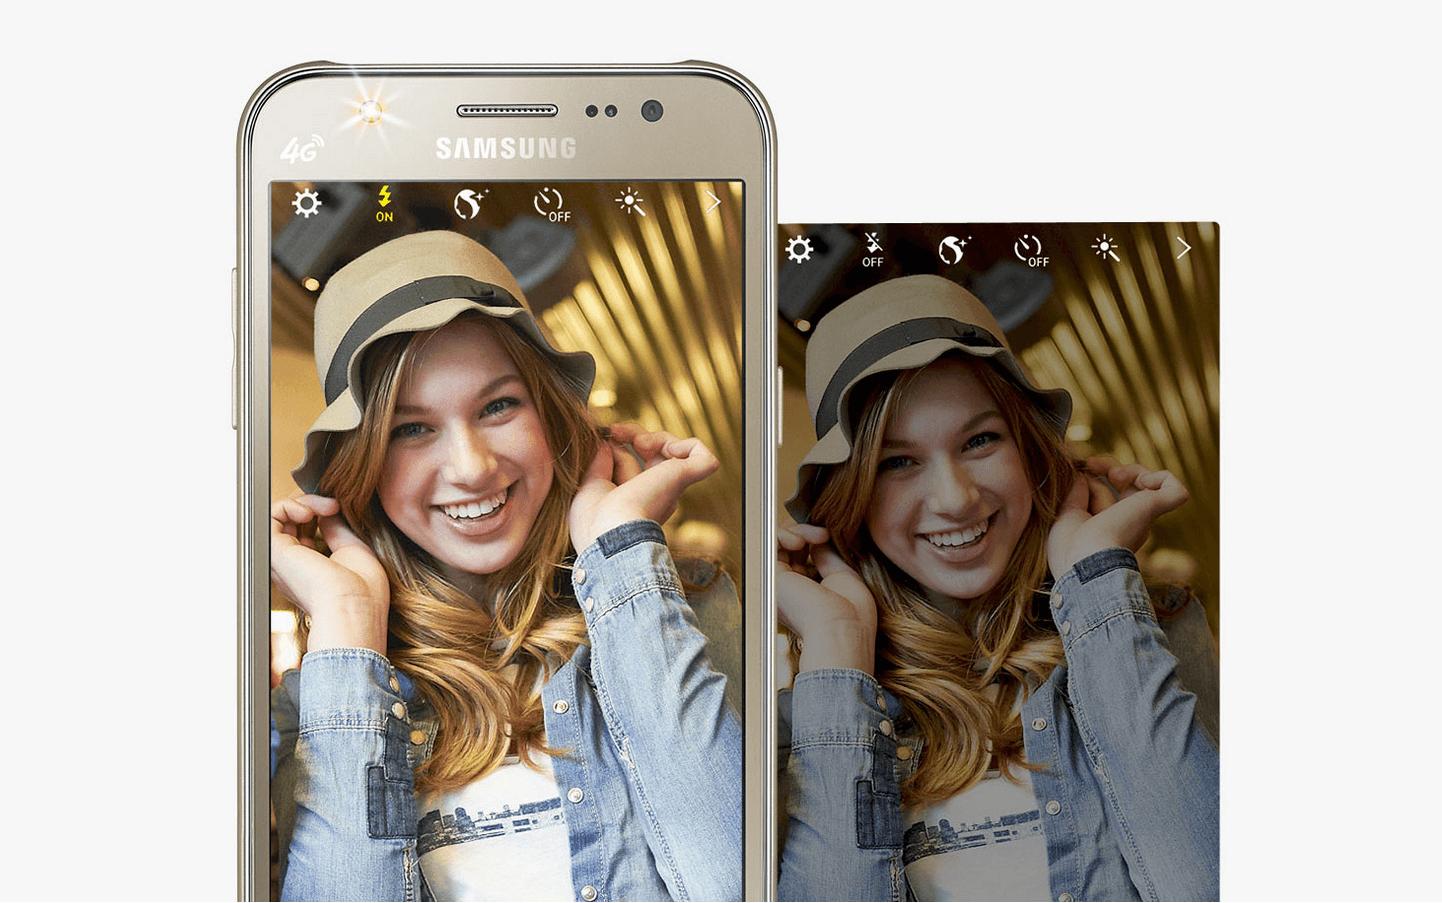 MasterCard voudrait sécuriser vos paiements grâce à des selfies